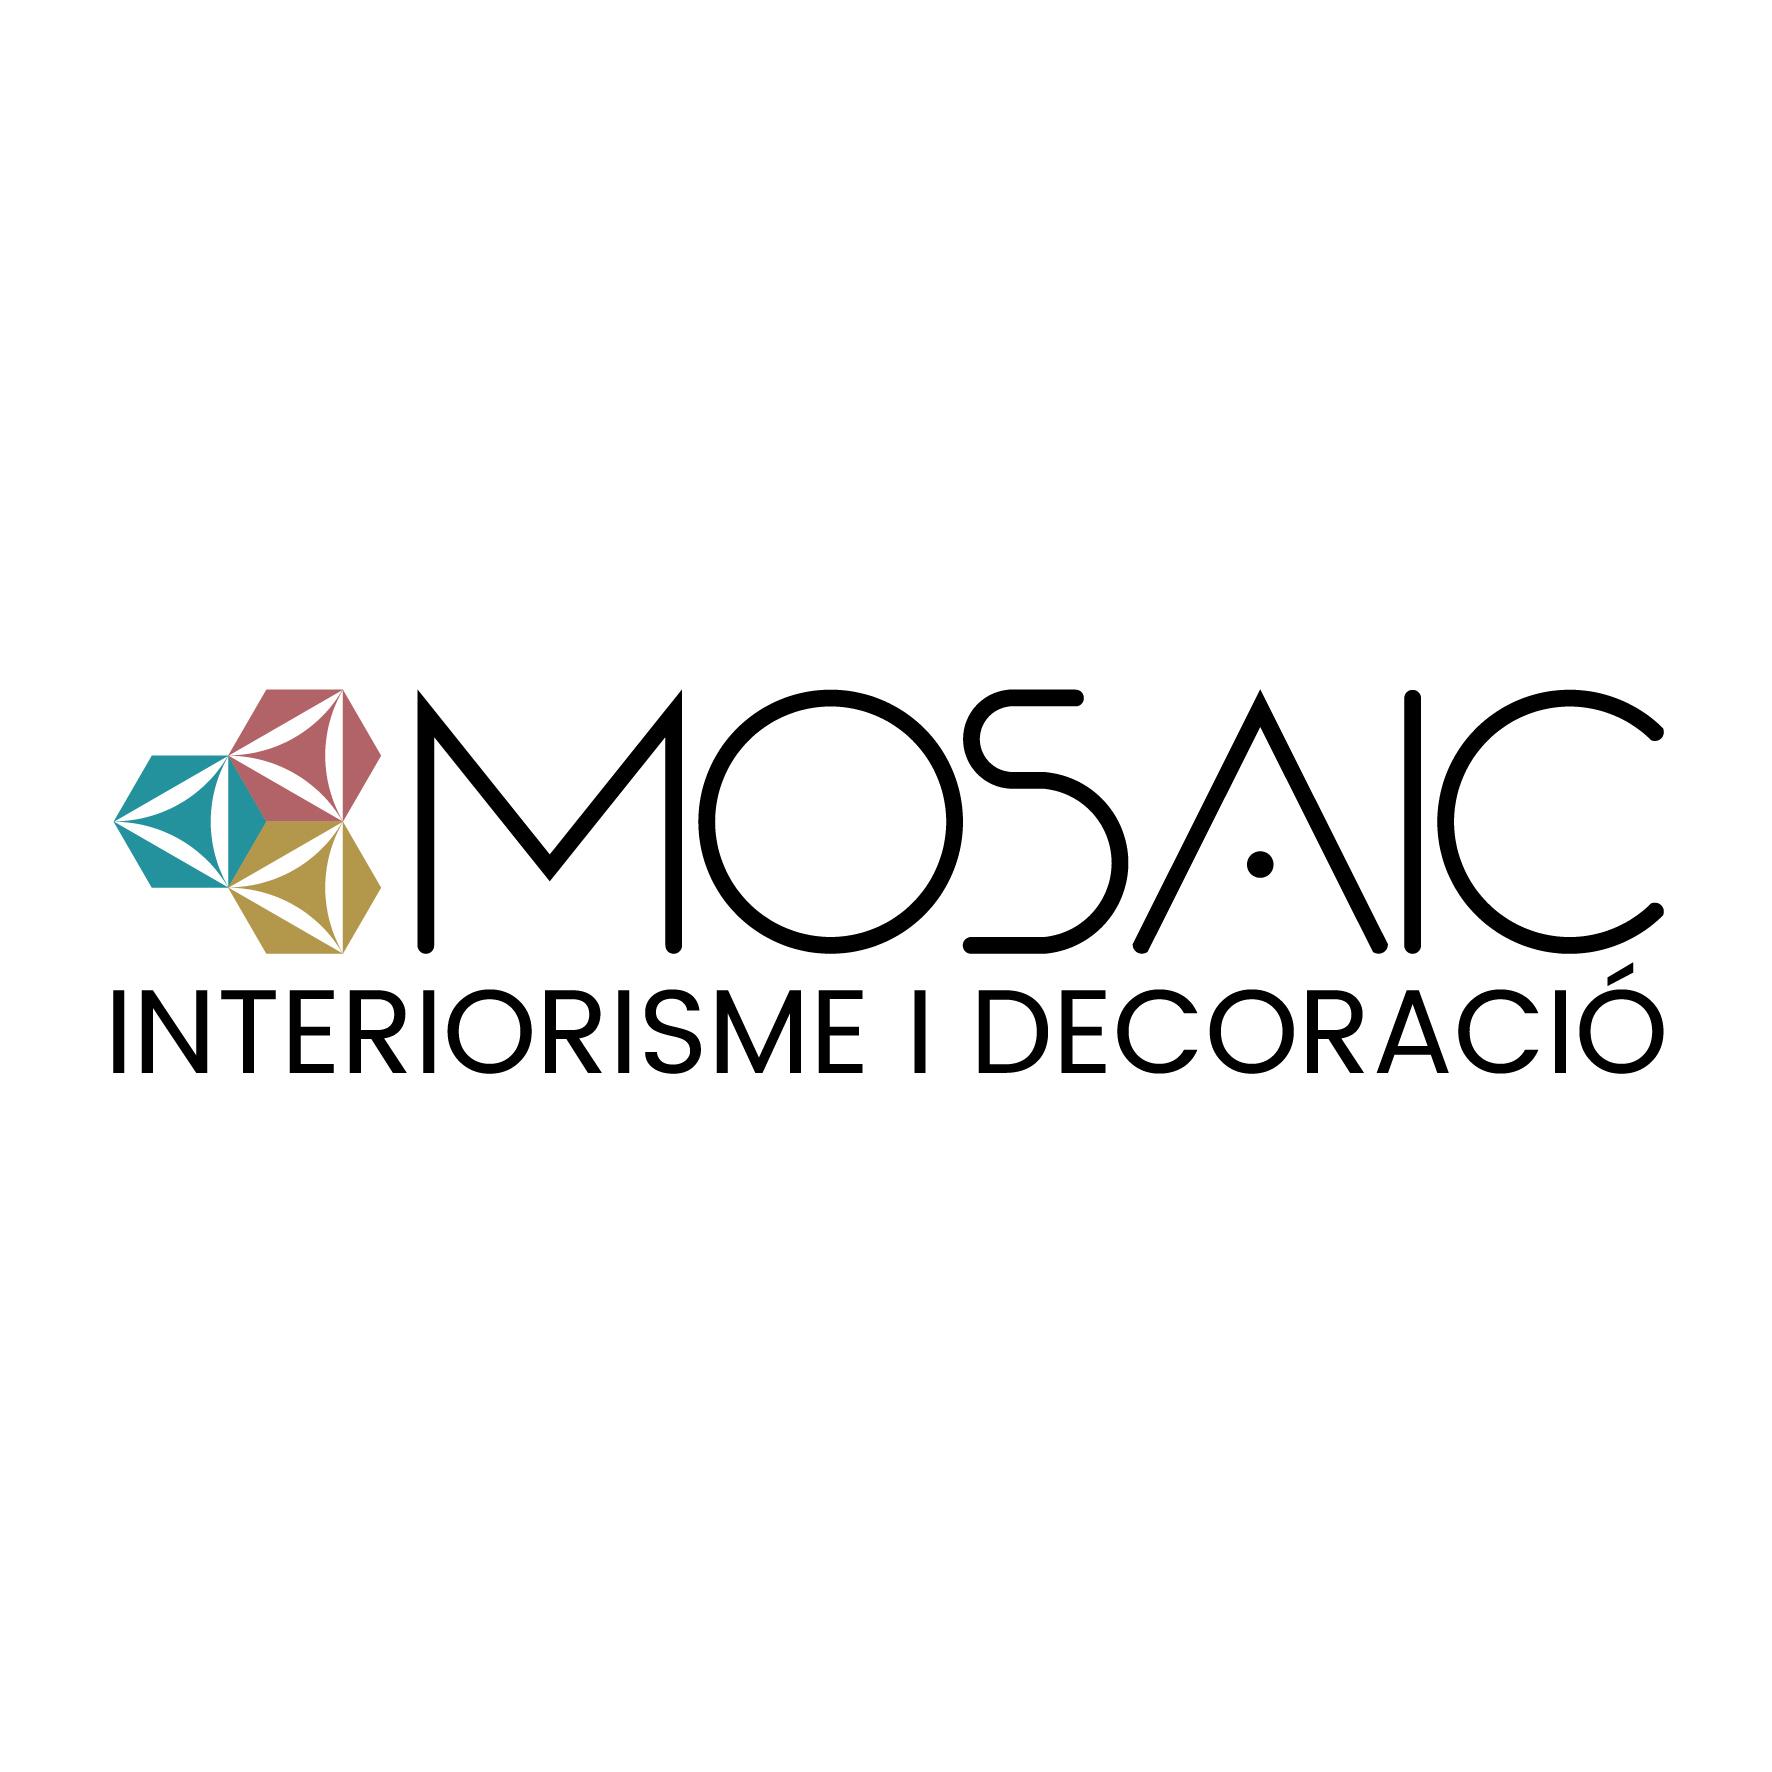 Mosaic Interiorisme